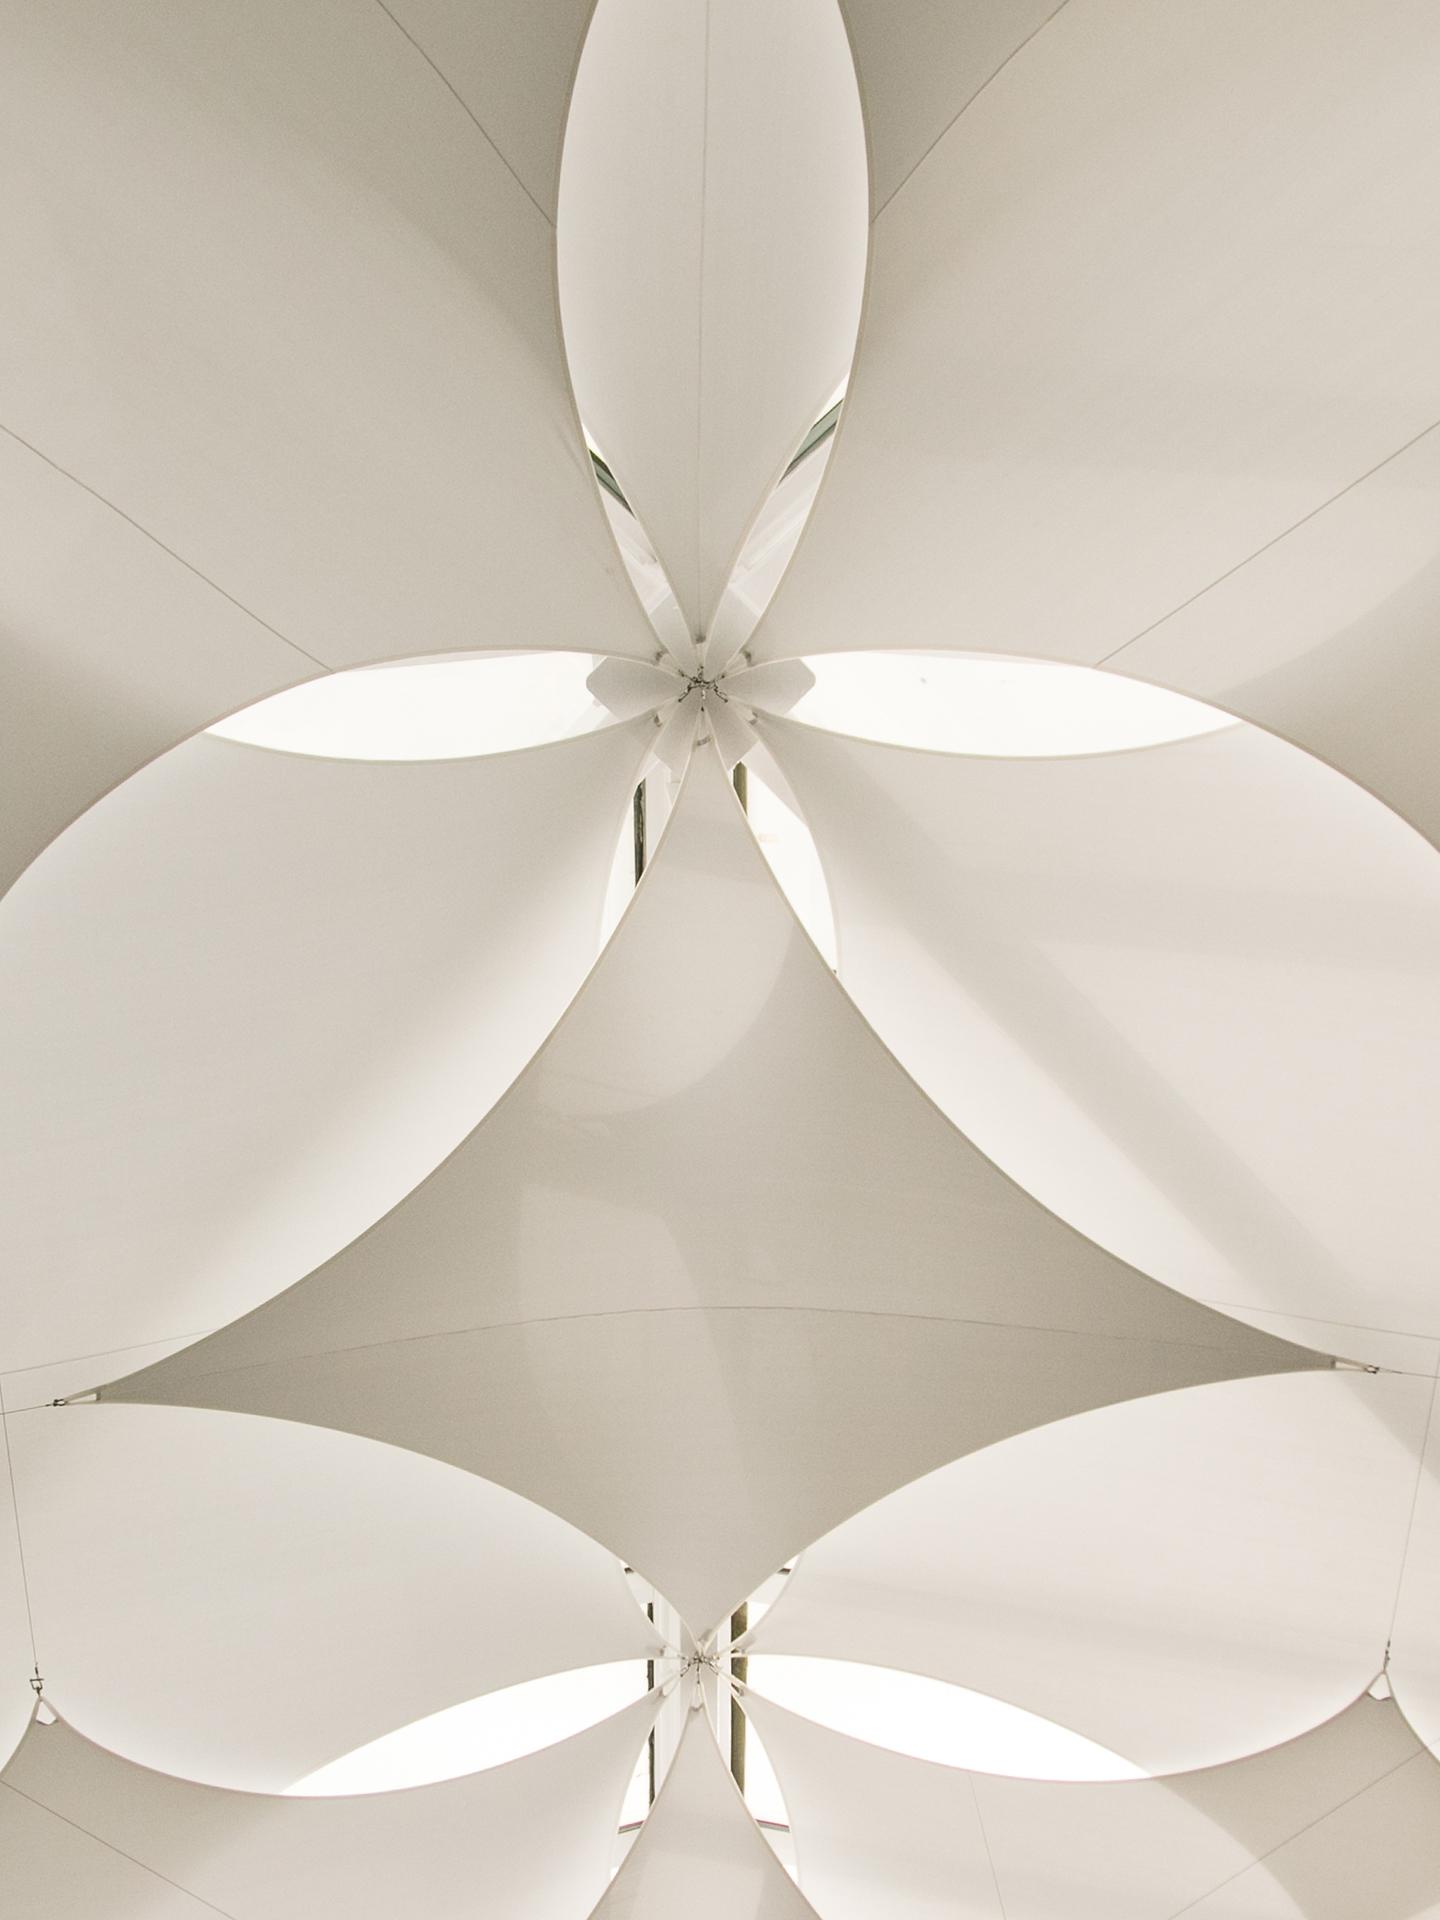 ceiling sails detail